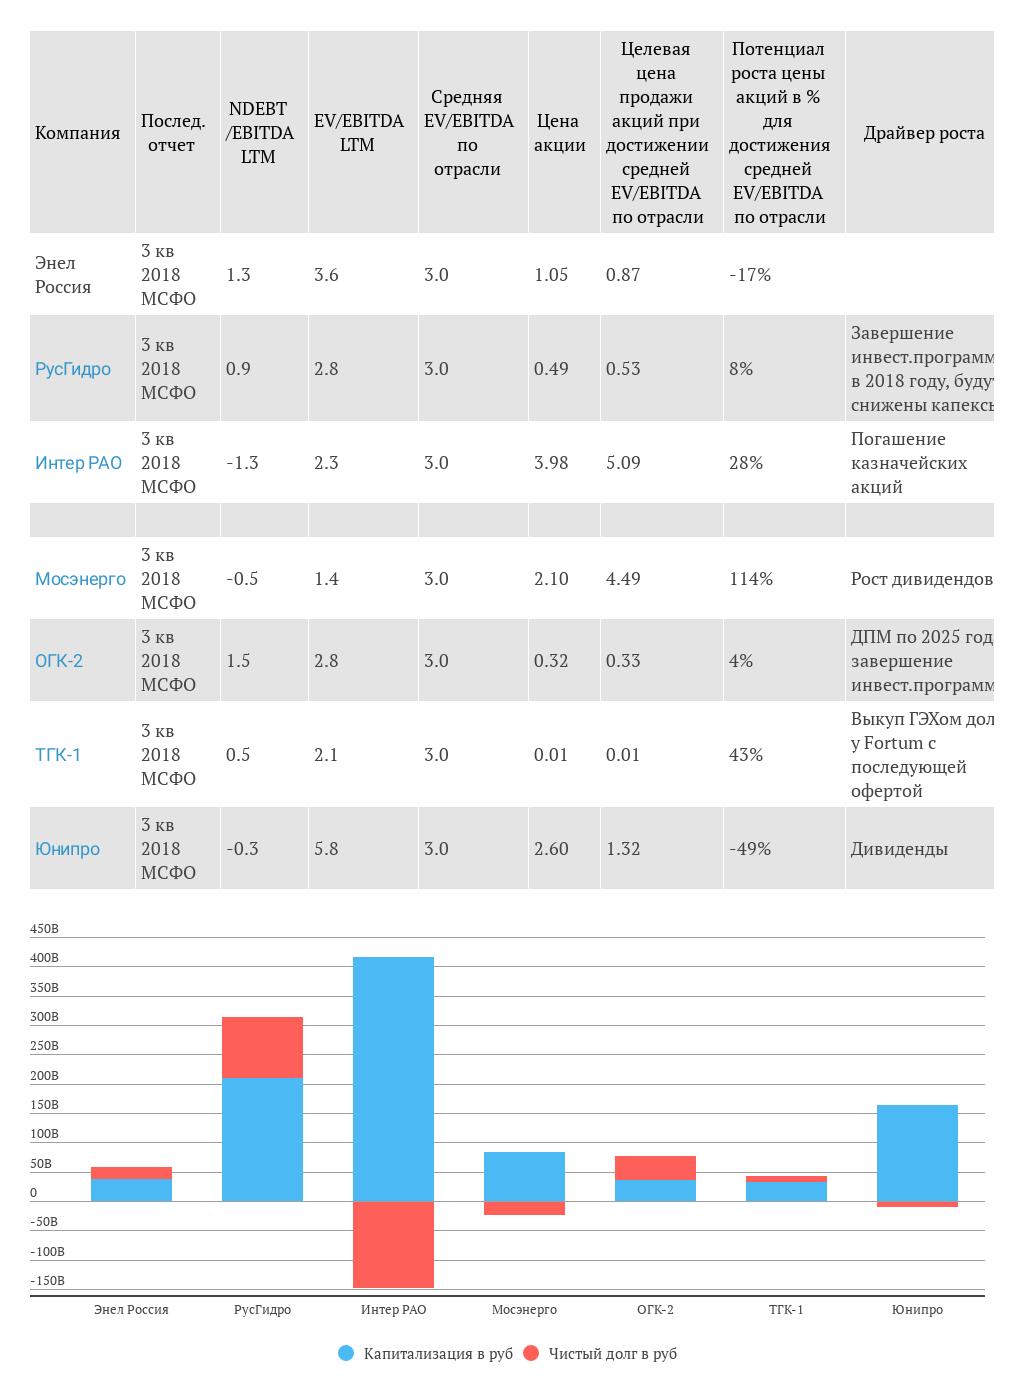 Обзор генерирующих компаний (январь 2018)